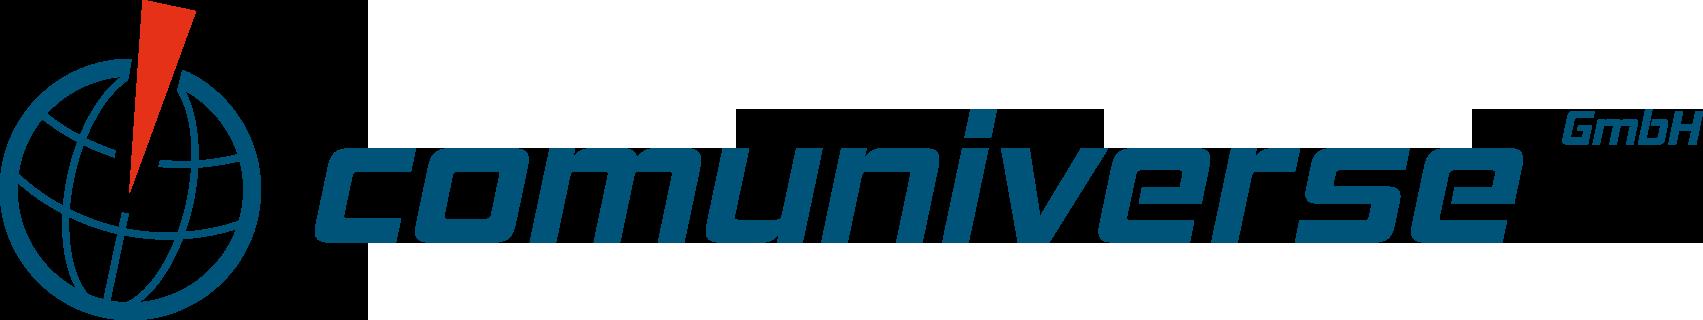 comuniverse GmbH - Ihr Webfleet Experte in Deutschland